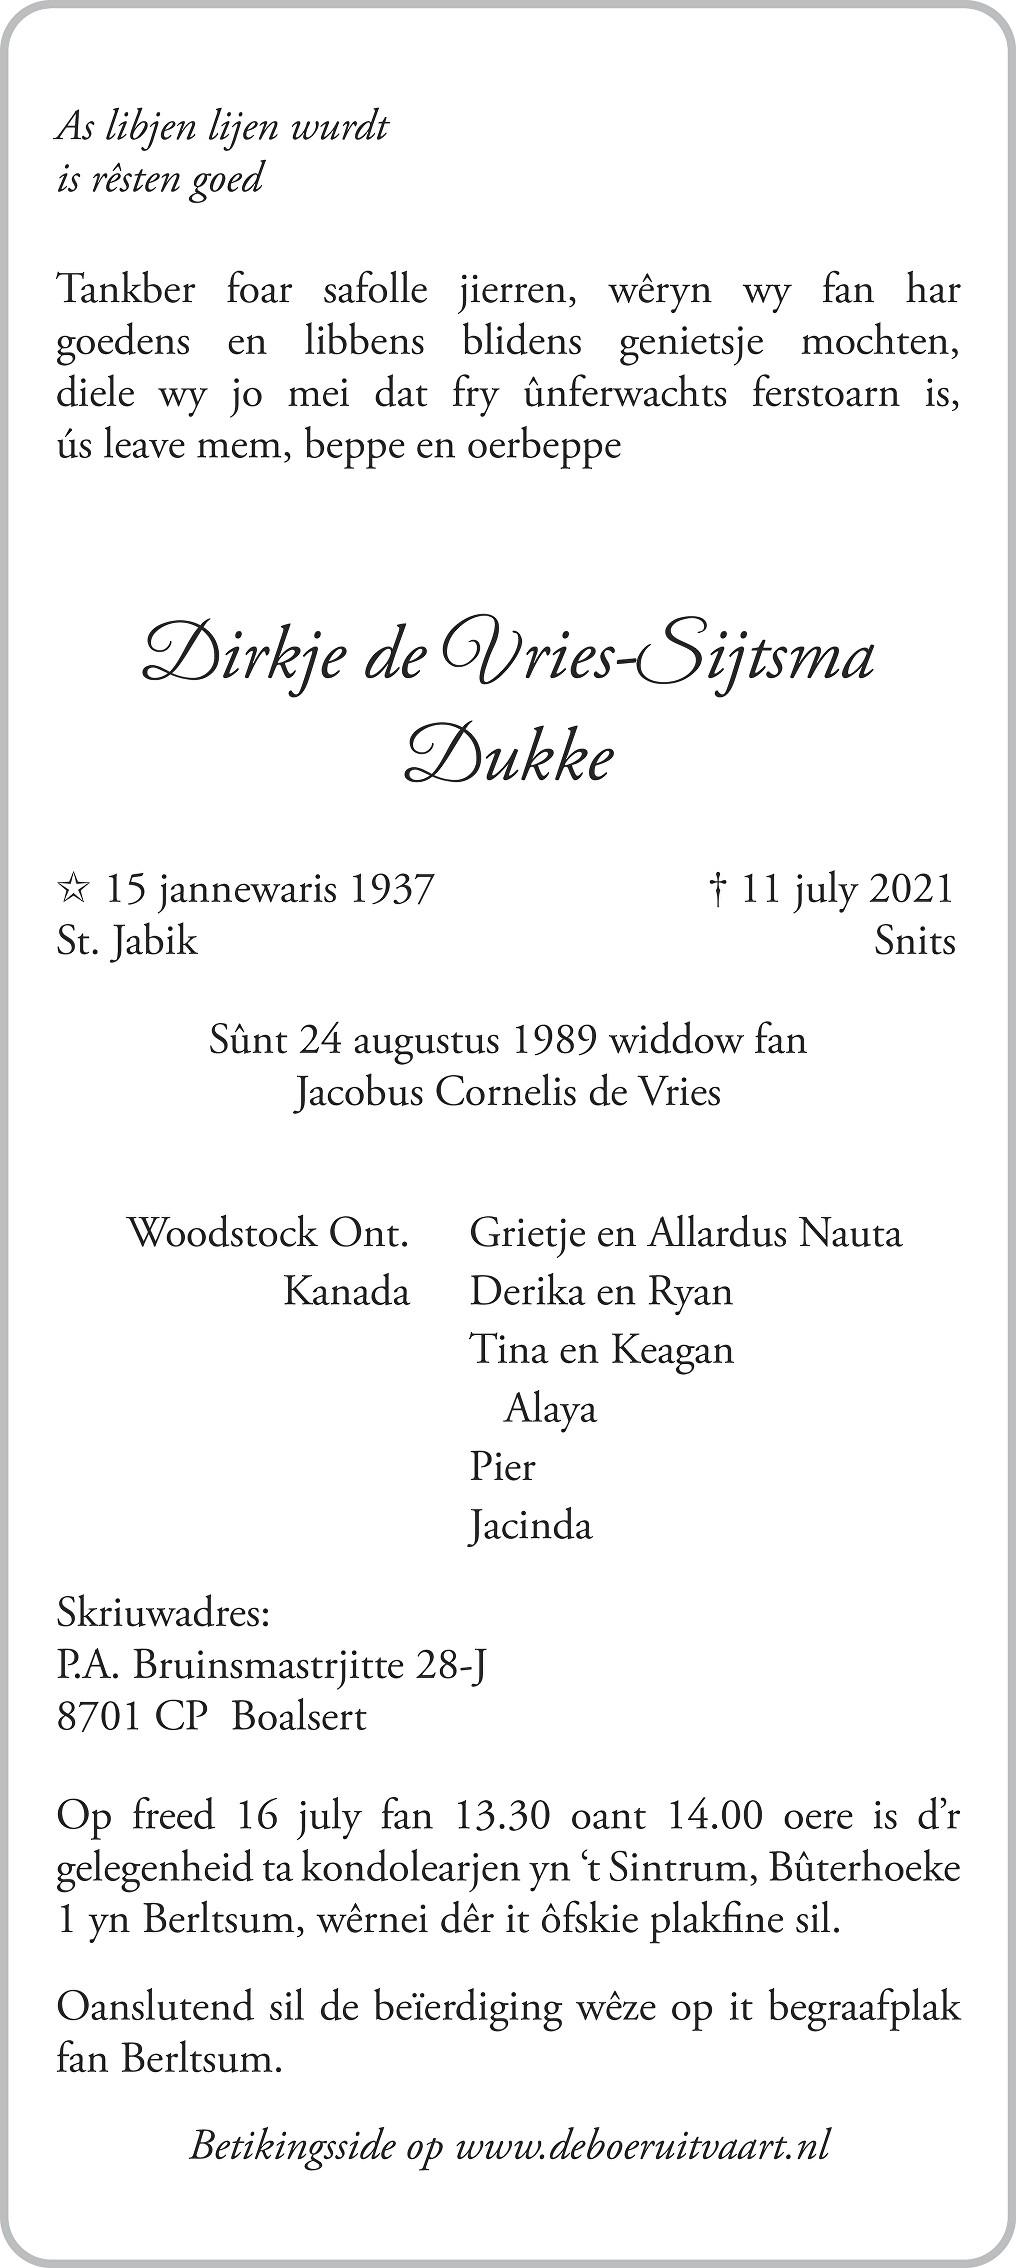 Dirkje de Vries-Sijtsma Death notice